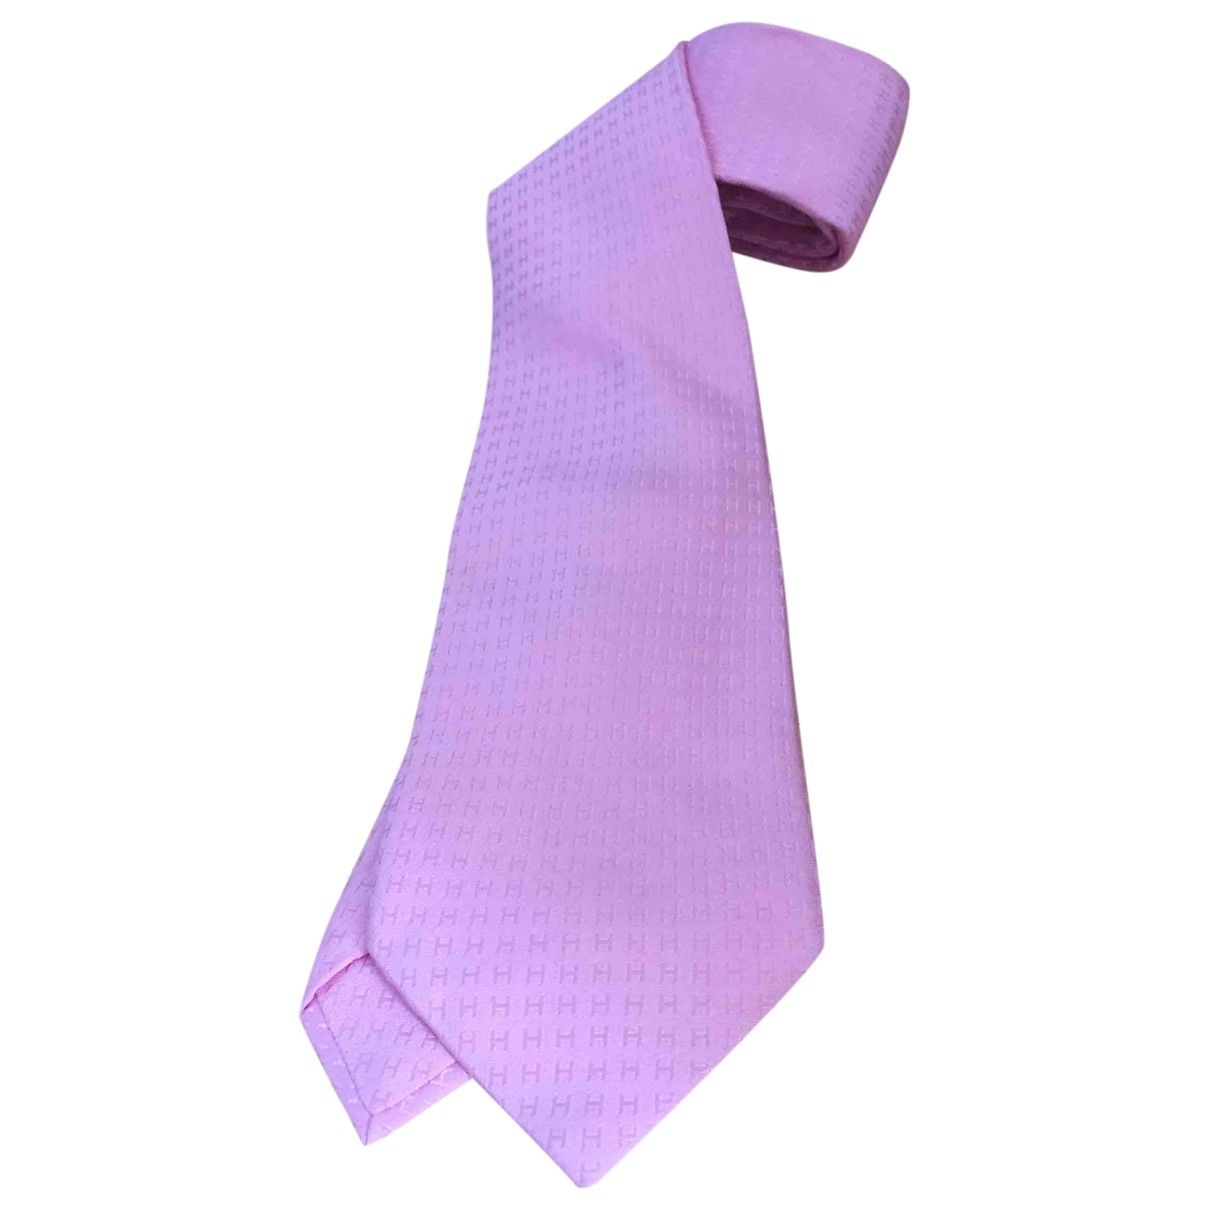 Hermes - Cravates   pour homme en soie - rose